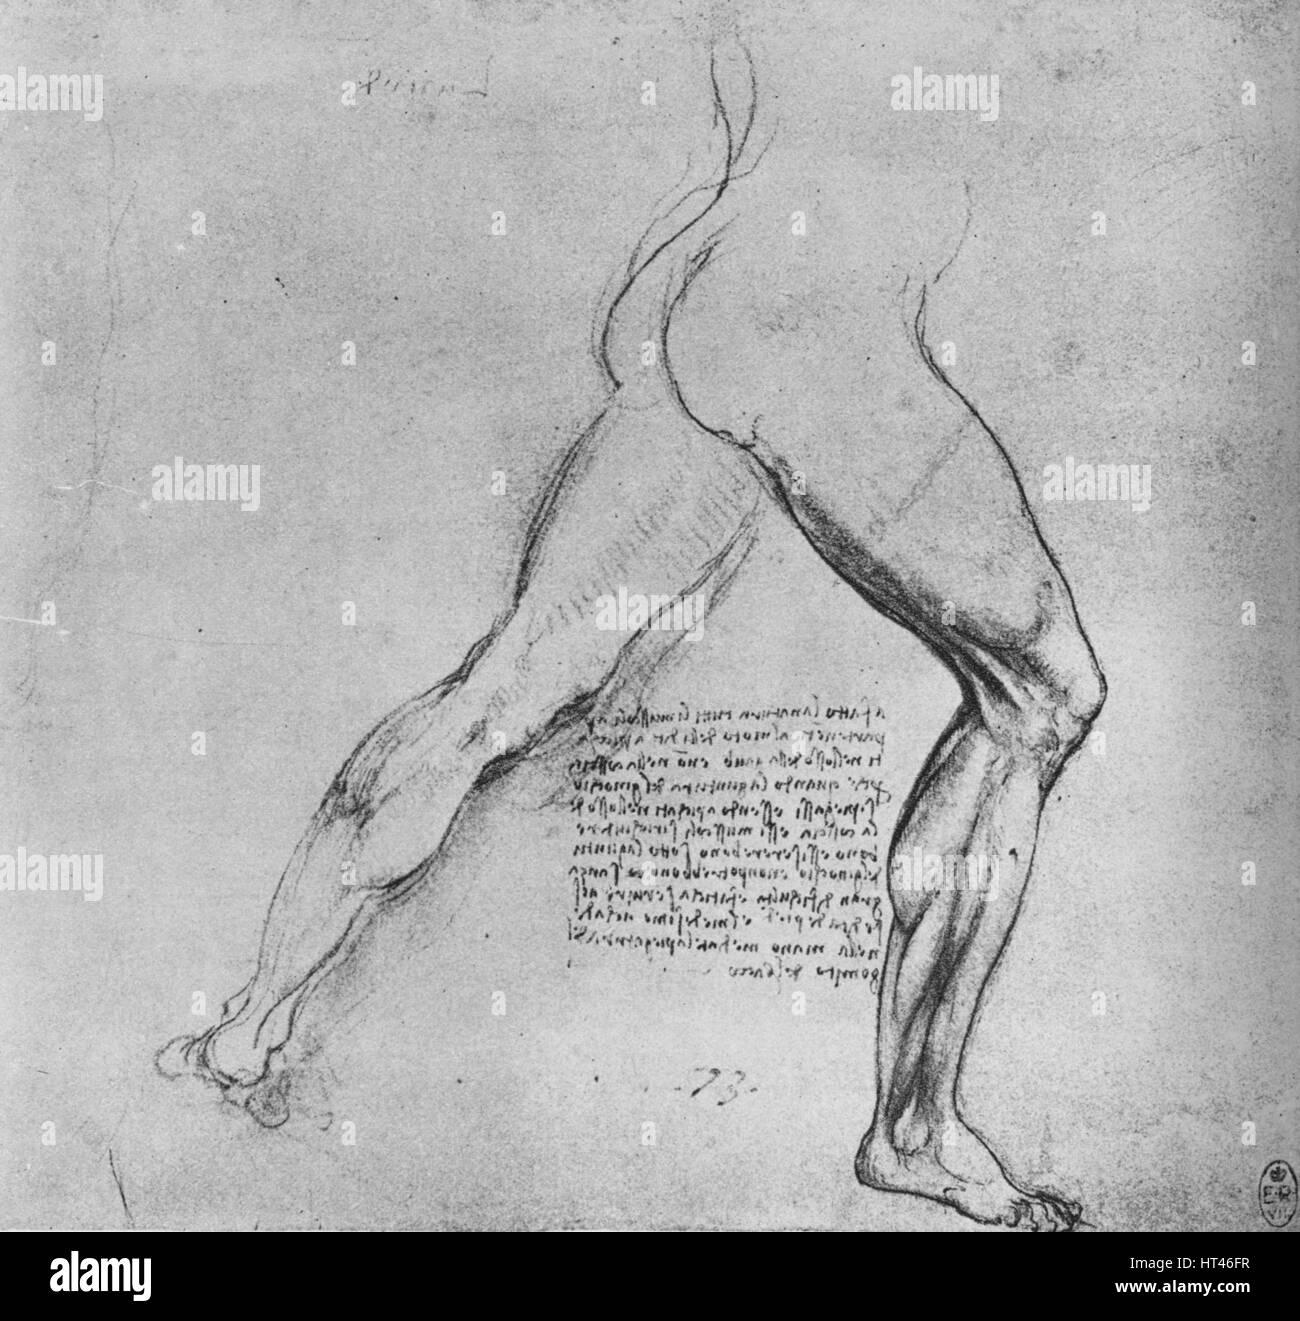 Ausgezeichnet Anatomie Studien Für Künstler Ideen - Anatomie Ideen ...